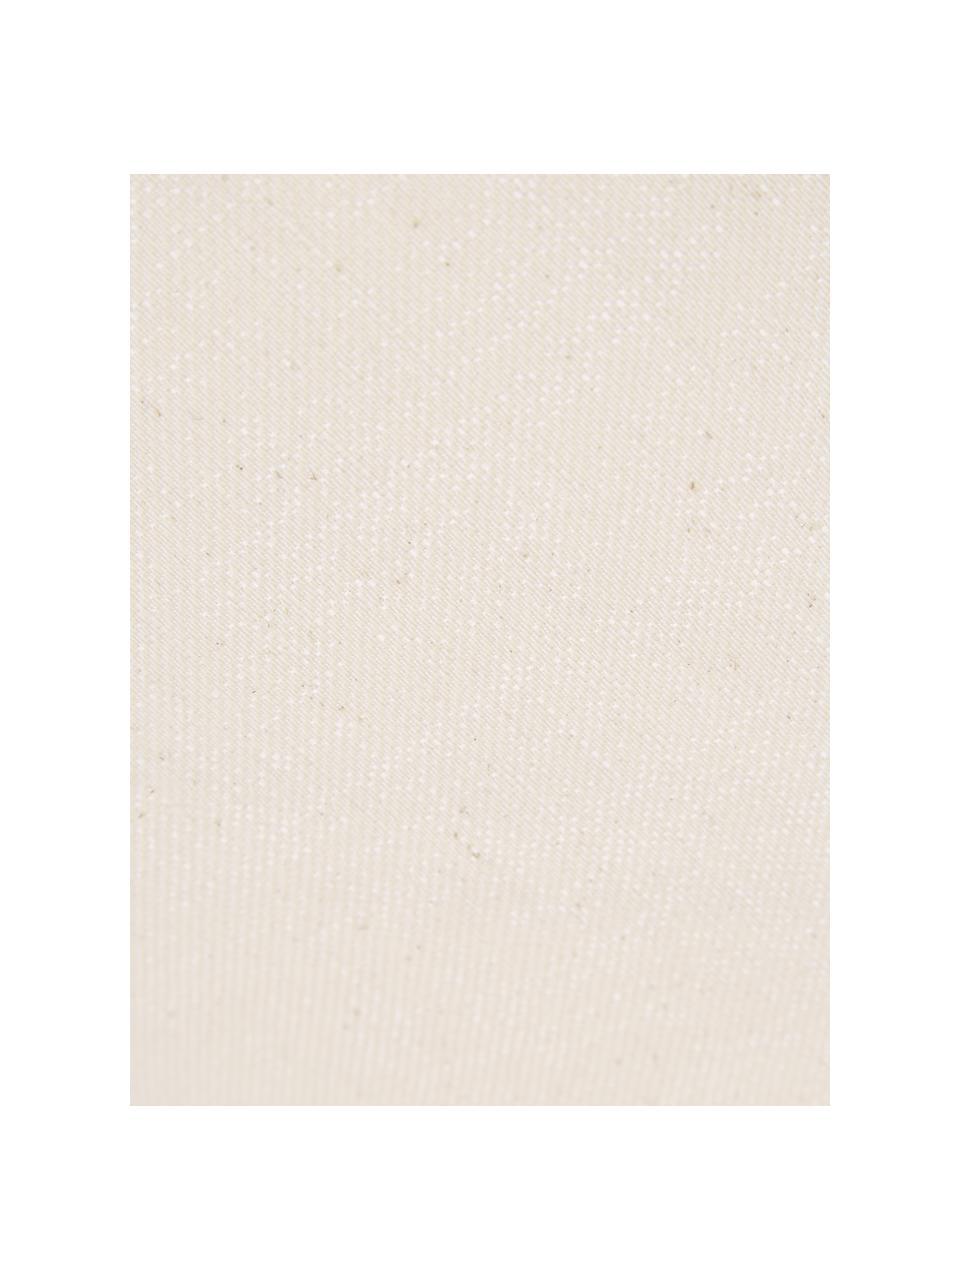 Kissenhülle Tine mit Fransen, Webart: Jacquard, Hellbeige, 30 x 50 cm